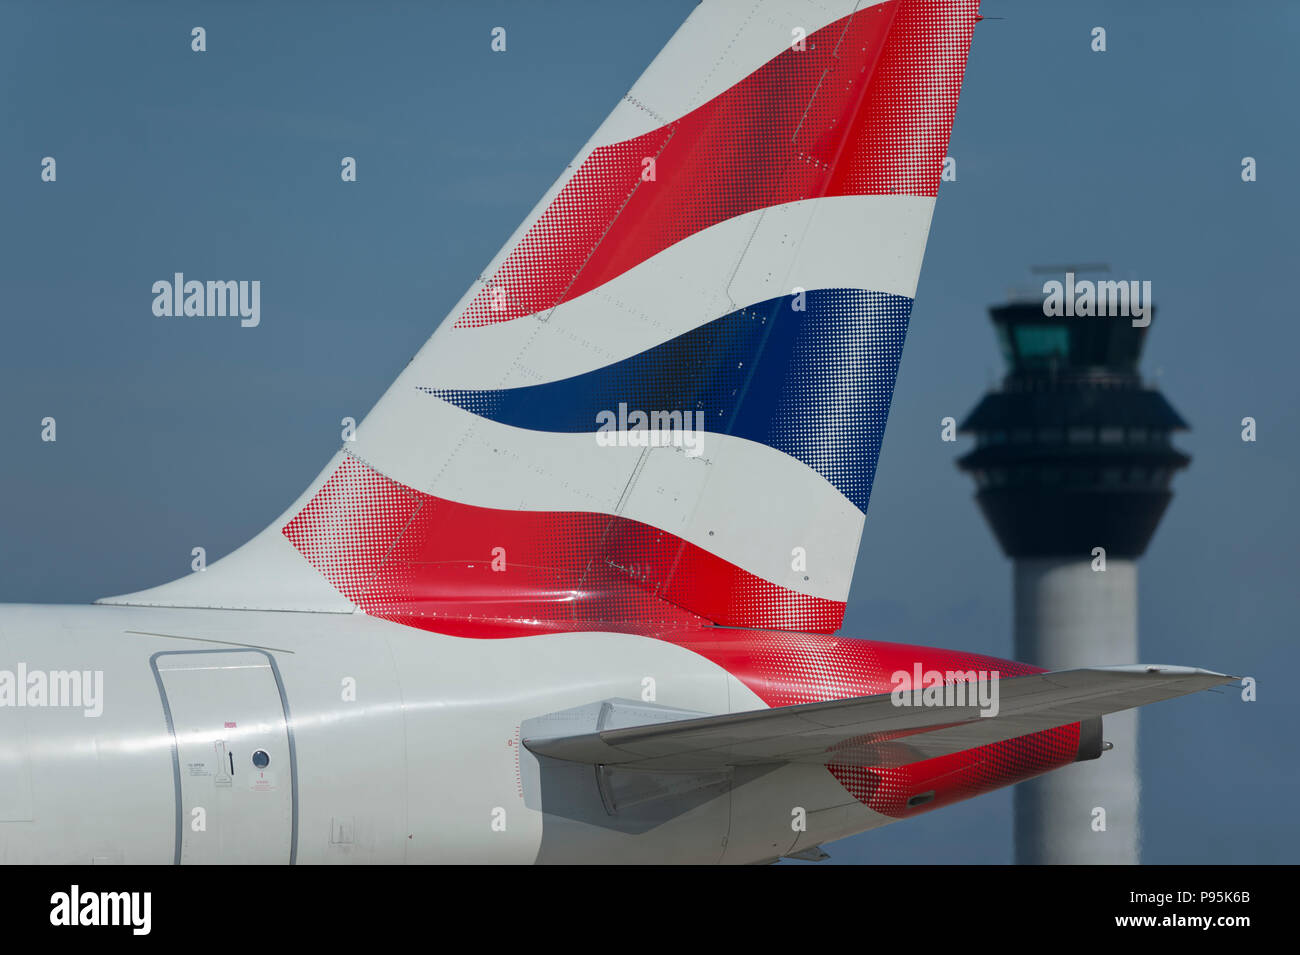 La tailfin d'un British Airways Airbus A319-131 circule le long de la piste en face de la tour de contrôle à l'aéroport de Manchester. Photo Stock